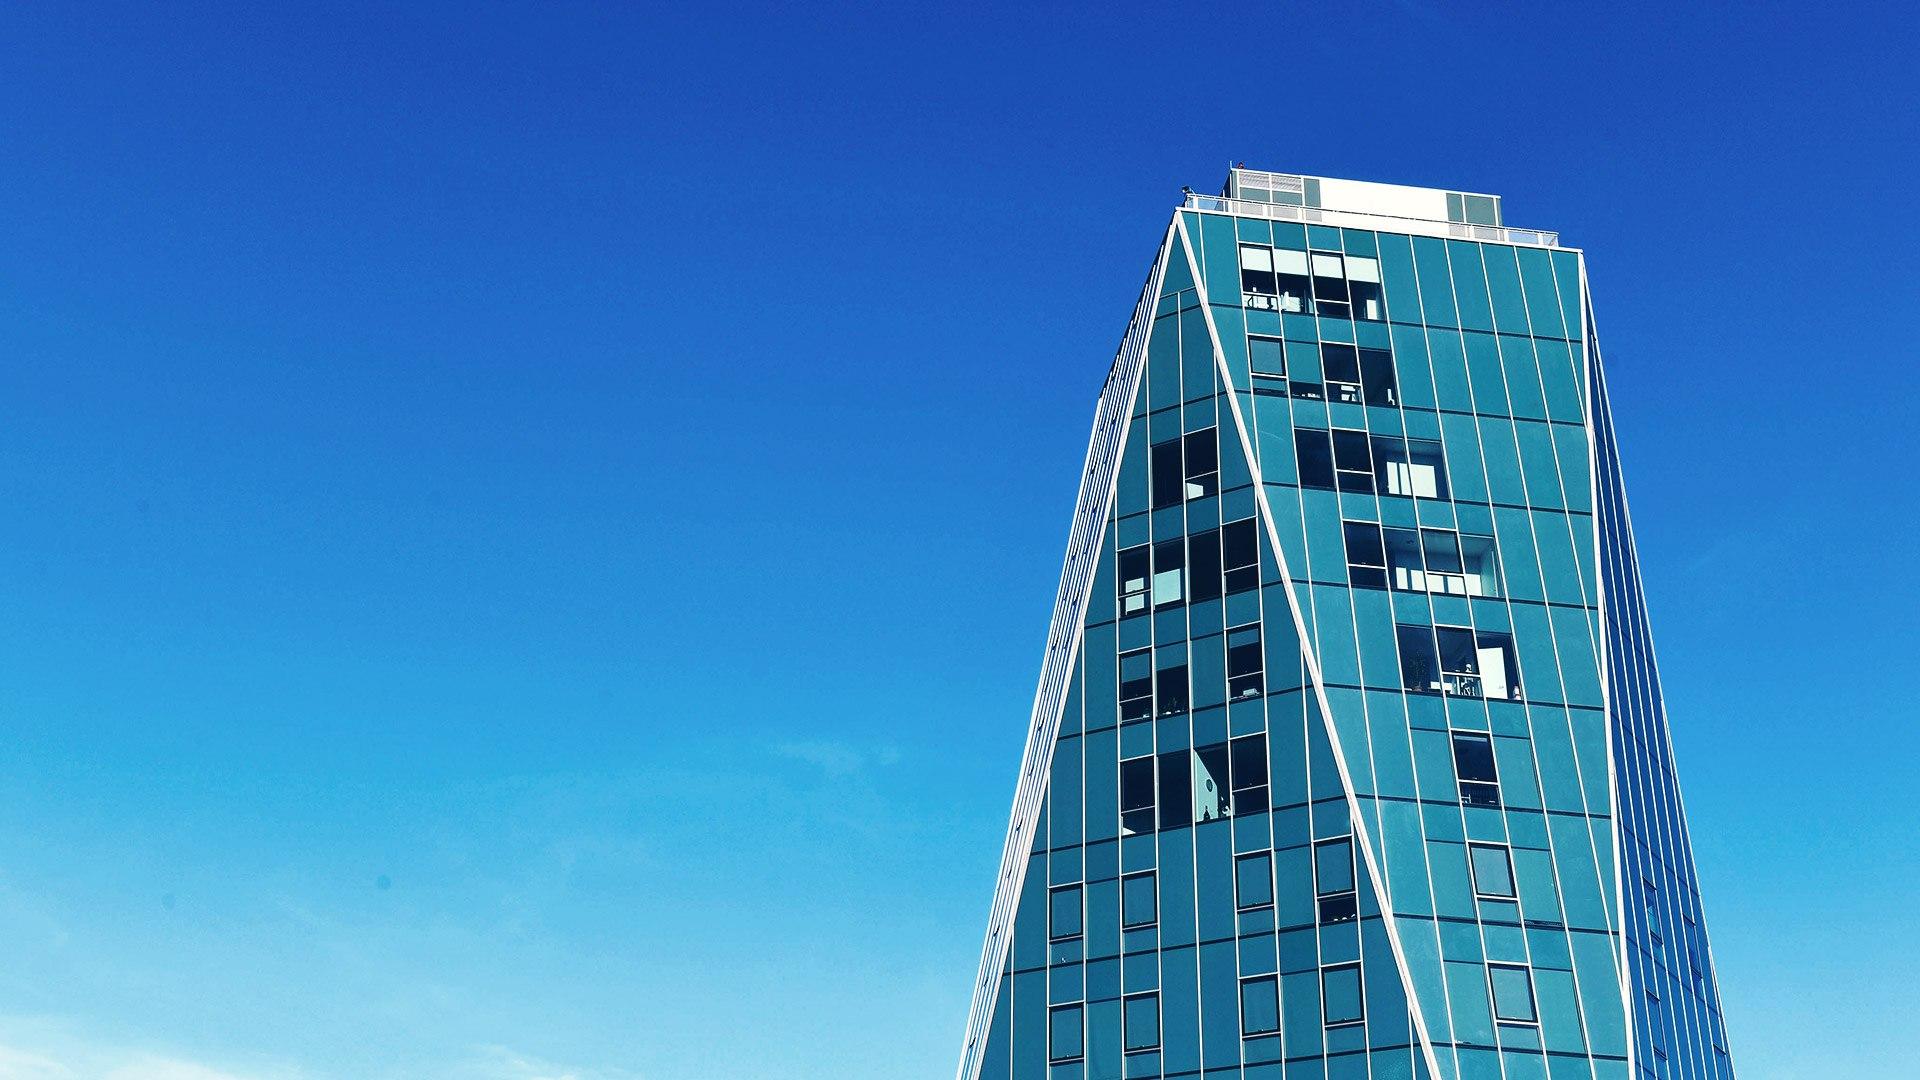 Full-Service für Wohnungsbaugesellschaft Villingen-Schwenningen mbH